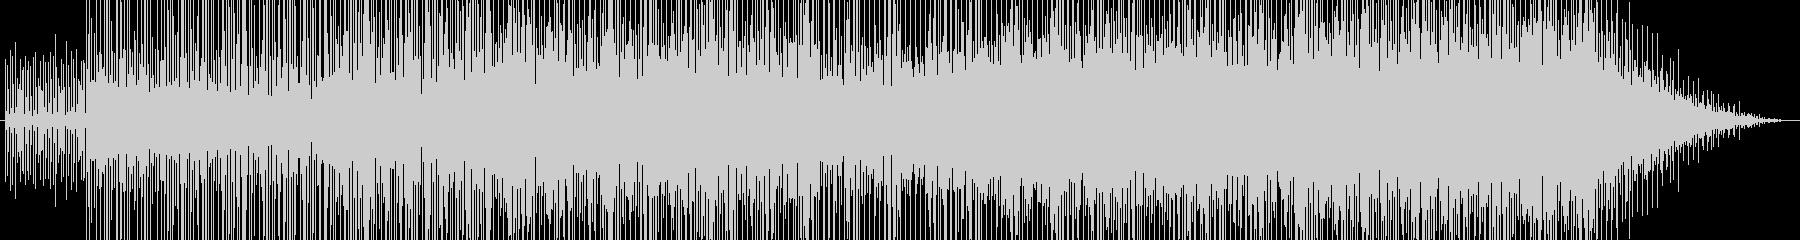 爽快エレクトロポップの未再生の波形